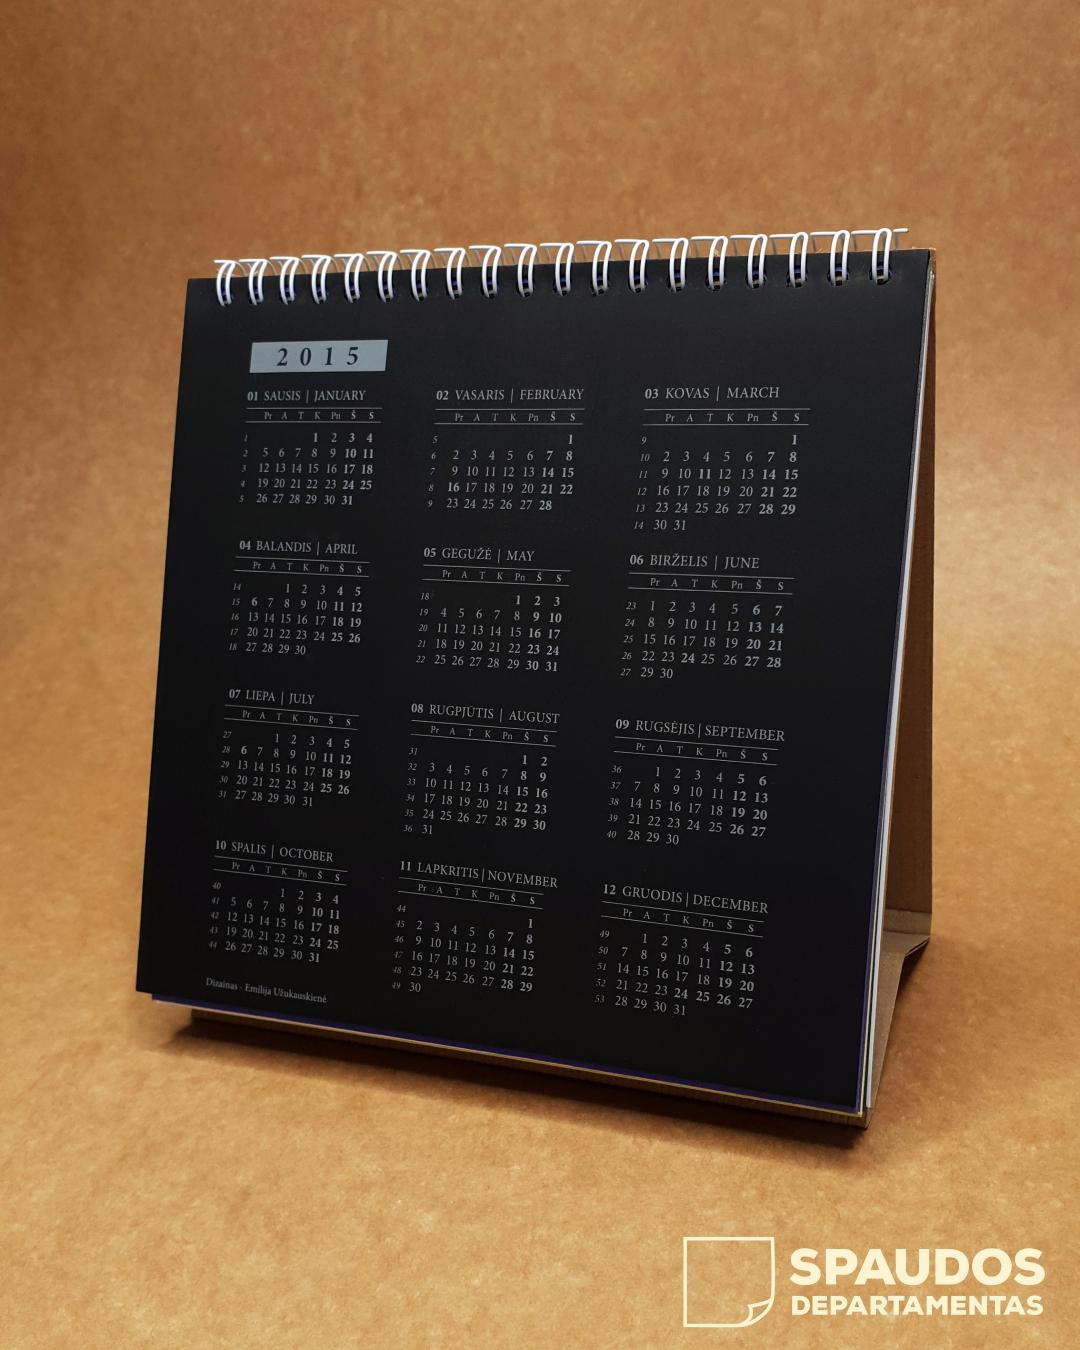 Kalendorius